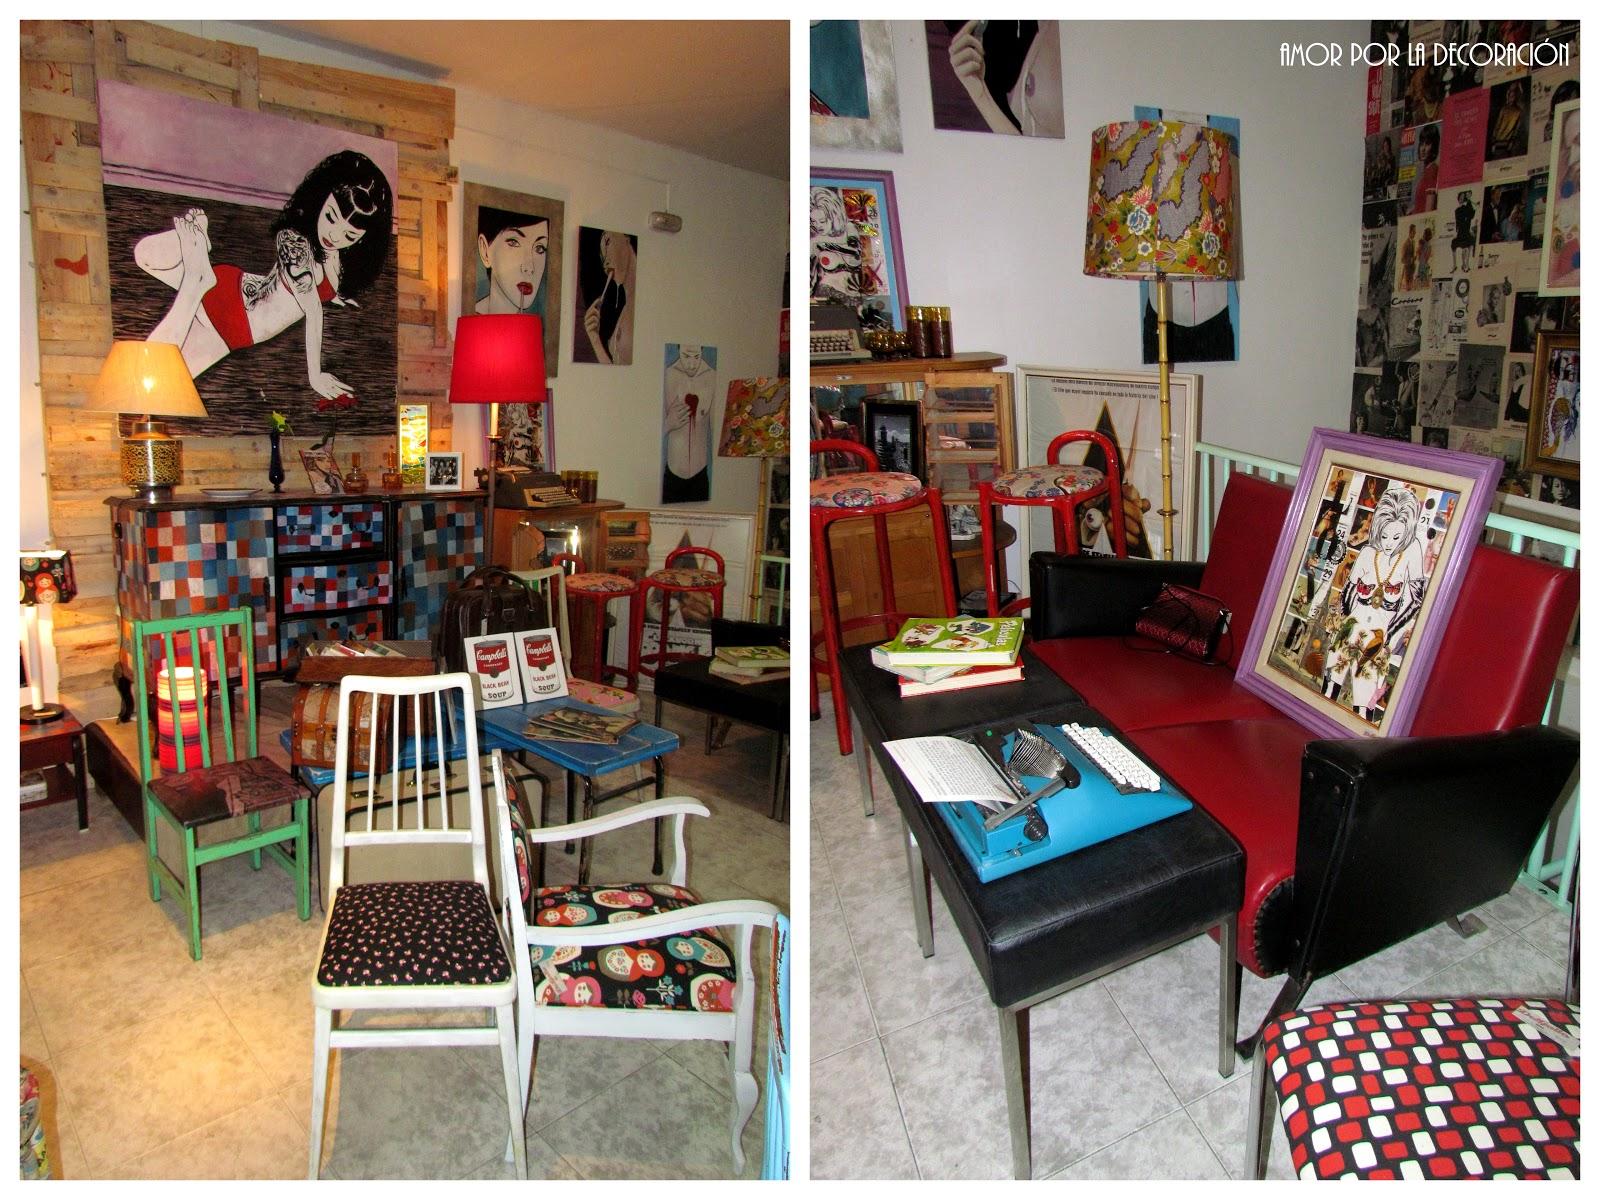 Del Gallo Una Tienda De Decoraci N Retro Fashion Amor Por La  ~ Tiendas De Decoraciã³n En Madrid